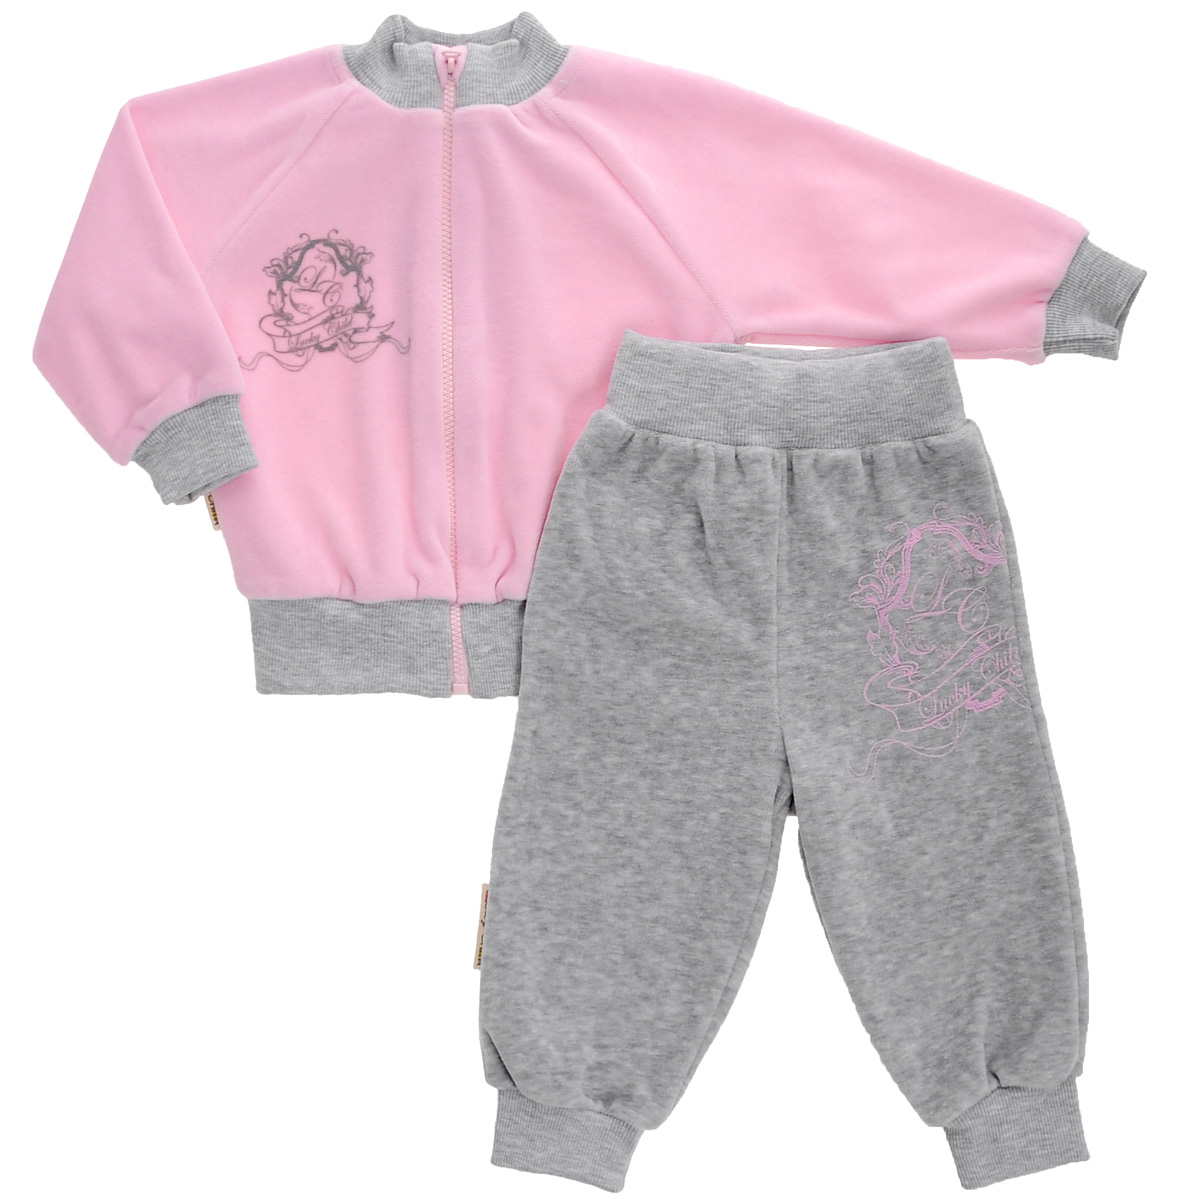 Комплект для девочки Lucky Child: толстовка, брюки, цвет: розовый, серый. 5-21. Размер 68/745-21Детский комплект для девочки Lucky Child, состоящий из толстовки и брюк - очень удобный и практичный. Комплект выполнен из велюра, благодаря чему он необычайно мягкий и приятный на ощупь, не раздражают нежную кожу ребенка и хорошо вентилируются, а эластичные швы приятны телу малышки и не препятствуют ее движениям. Толстовка с воротником-стойкой и длинными рукавами-реглан застегивается на пластиковую застежку-молнию. Рукава дополнены широкими трикотажными манжетами, не стягивающими запястья. Понизу также проходит широкая трикотажная резинка. На груди она оформлена оригинальным принтом в виде логотипа бренда. Брюки прямого покроя на талии имеют широкую эластичную резинку, благодаря чему они не сдавливают животик ребенка и не сползают. Понизу штанины дополнены широкими трикотажными манжетами. Спереди брюки декорированы таким же рисунком, как на толстовке. Оригинальный дизайн и модная расцветка делают этот комплект незаменимым предметом детского гардероба. В нем ваш ребенок всегда будет в центре внимания!